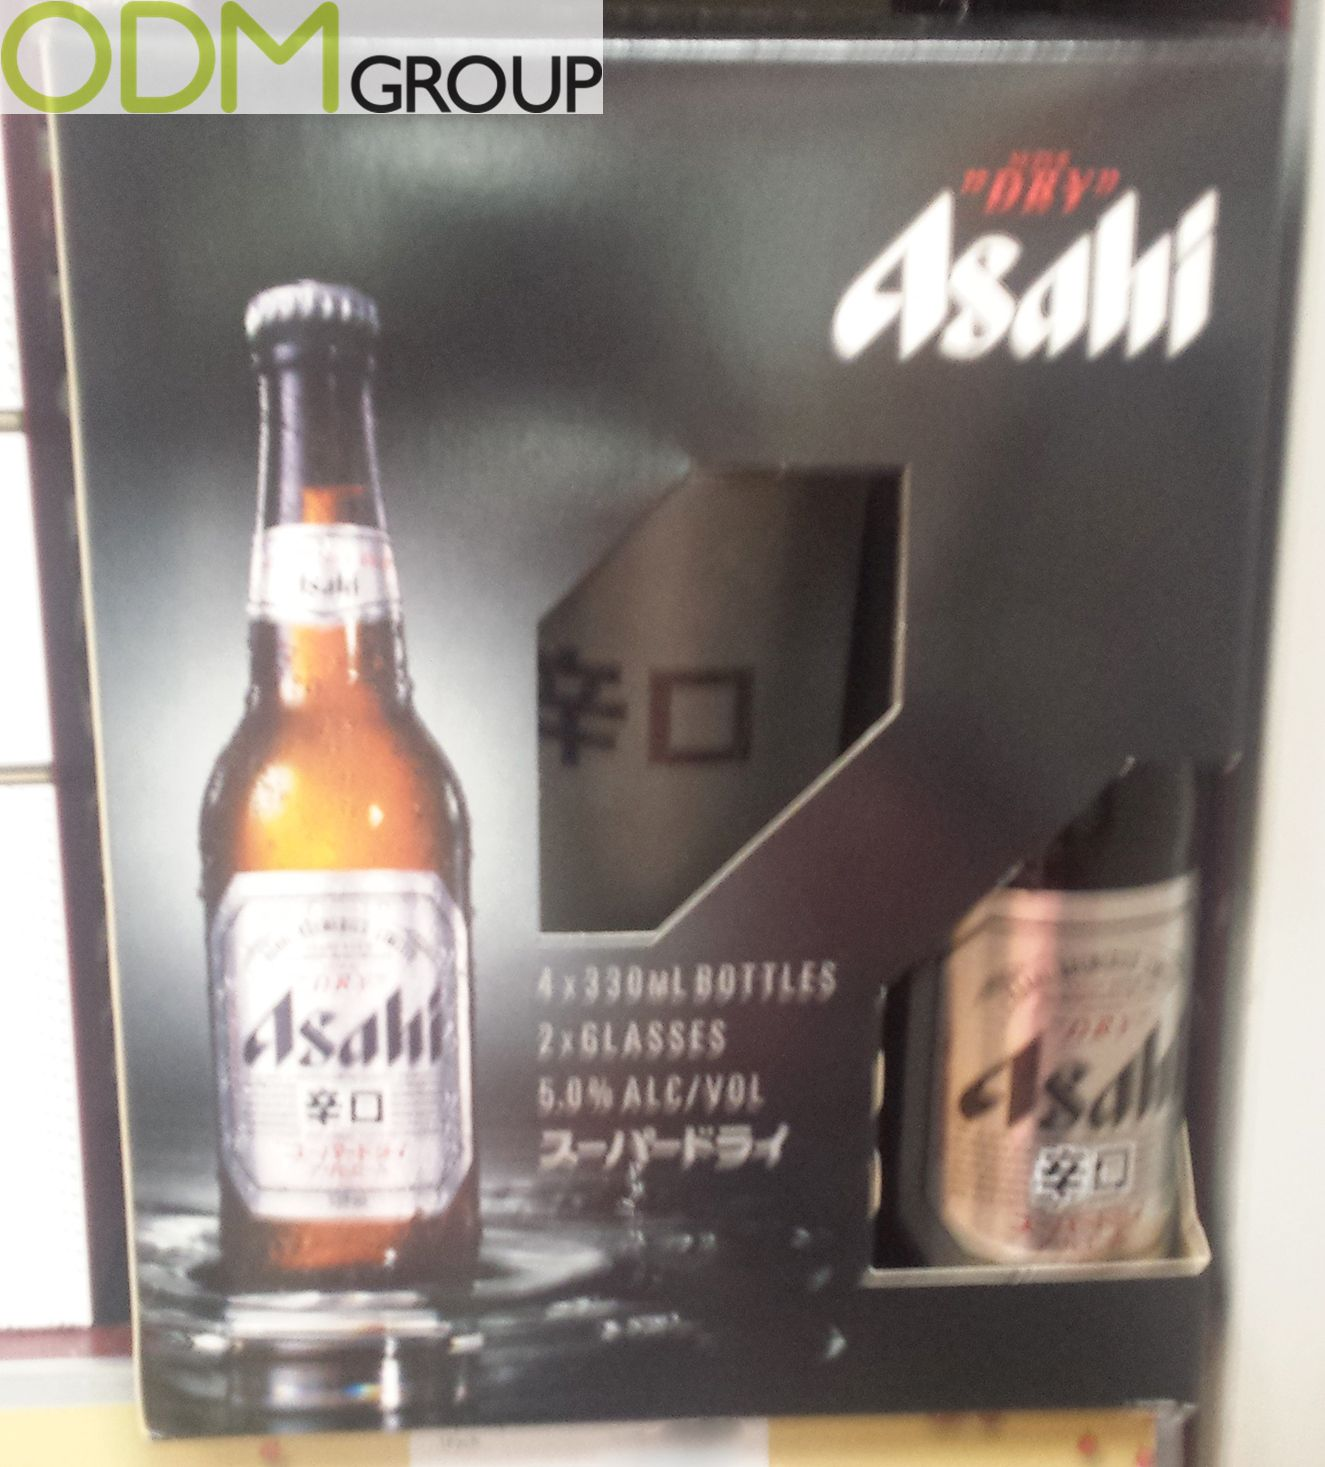 Brand new Asahi bar bottle opener